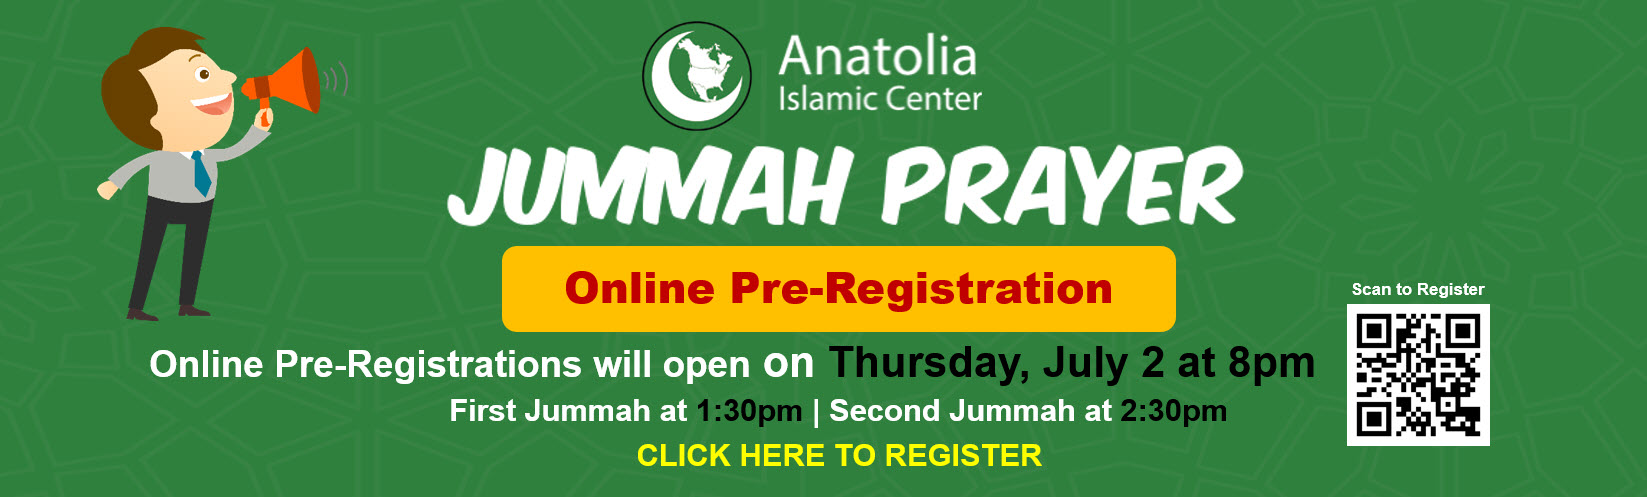 Jummah Prayer june 19